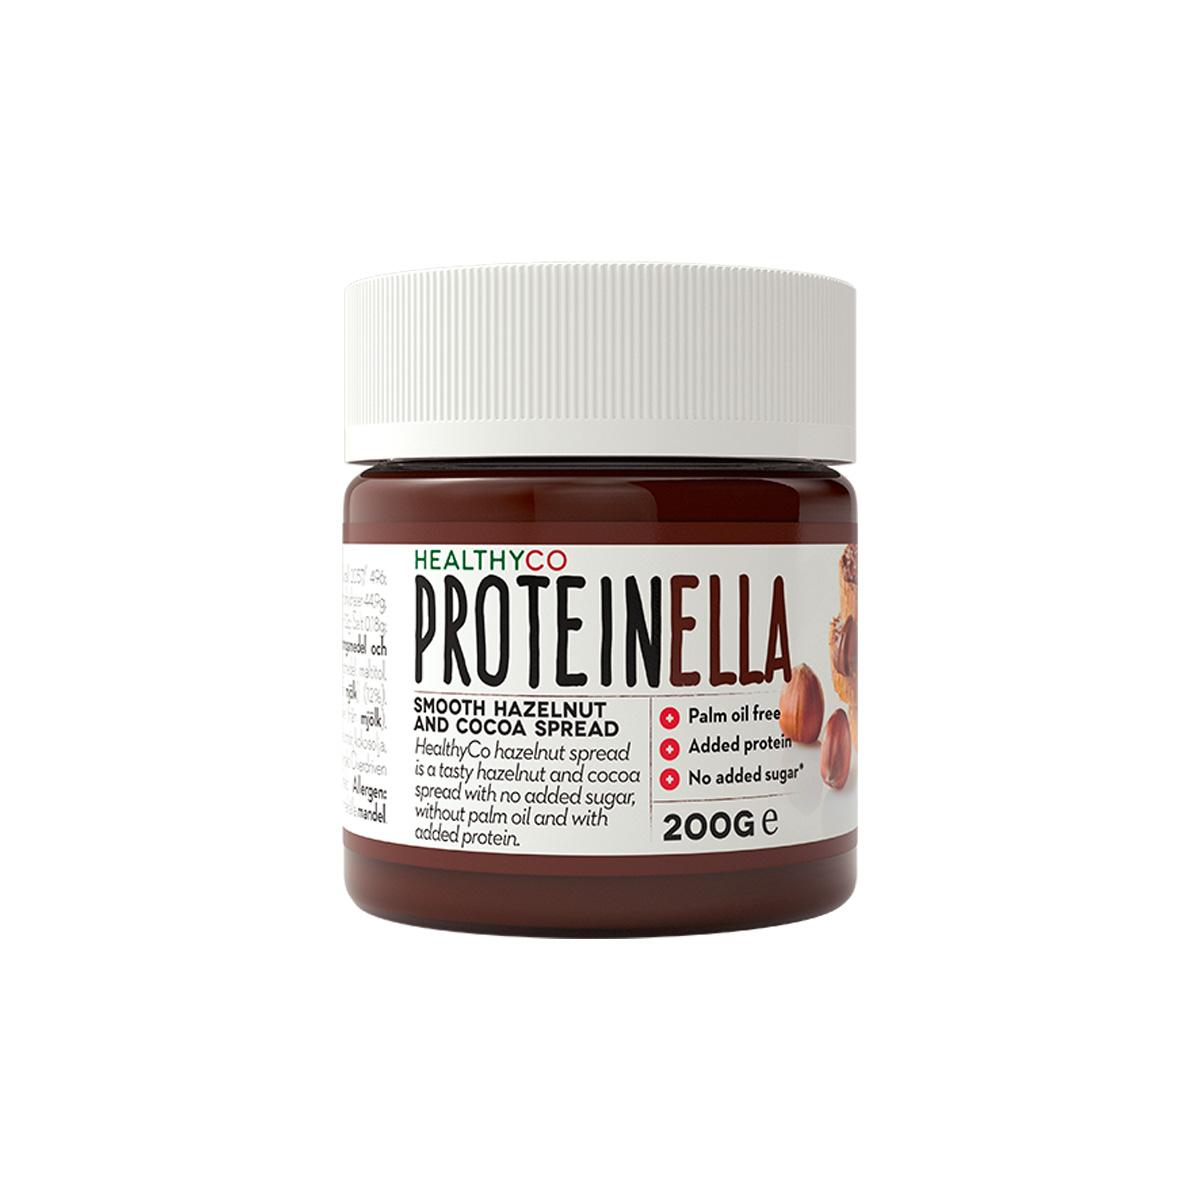 HealthyCo Proteinella 200 g lískový ořech / čokoláda